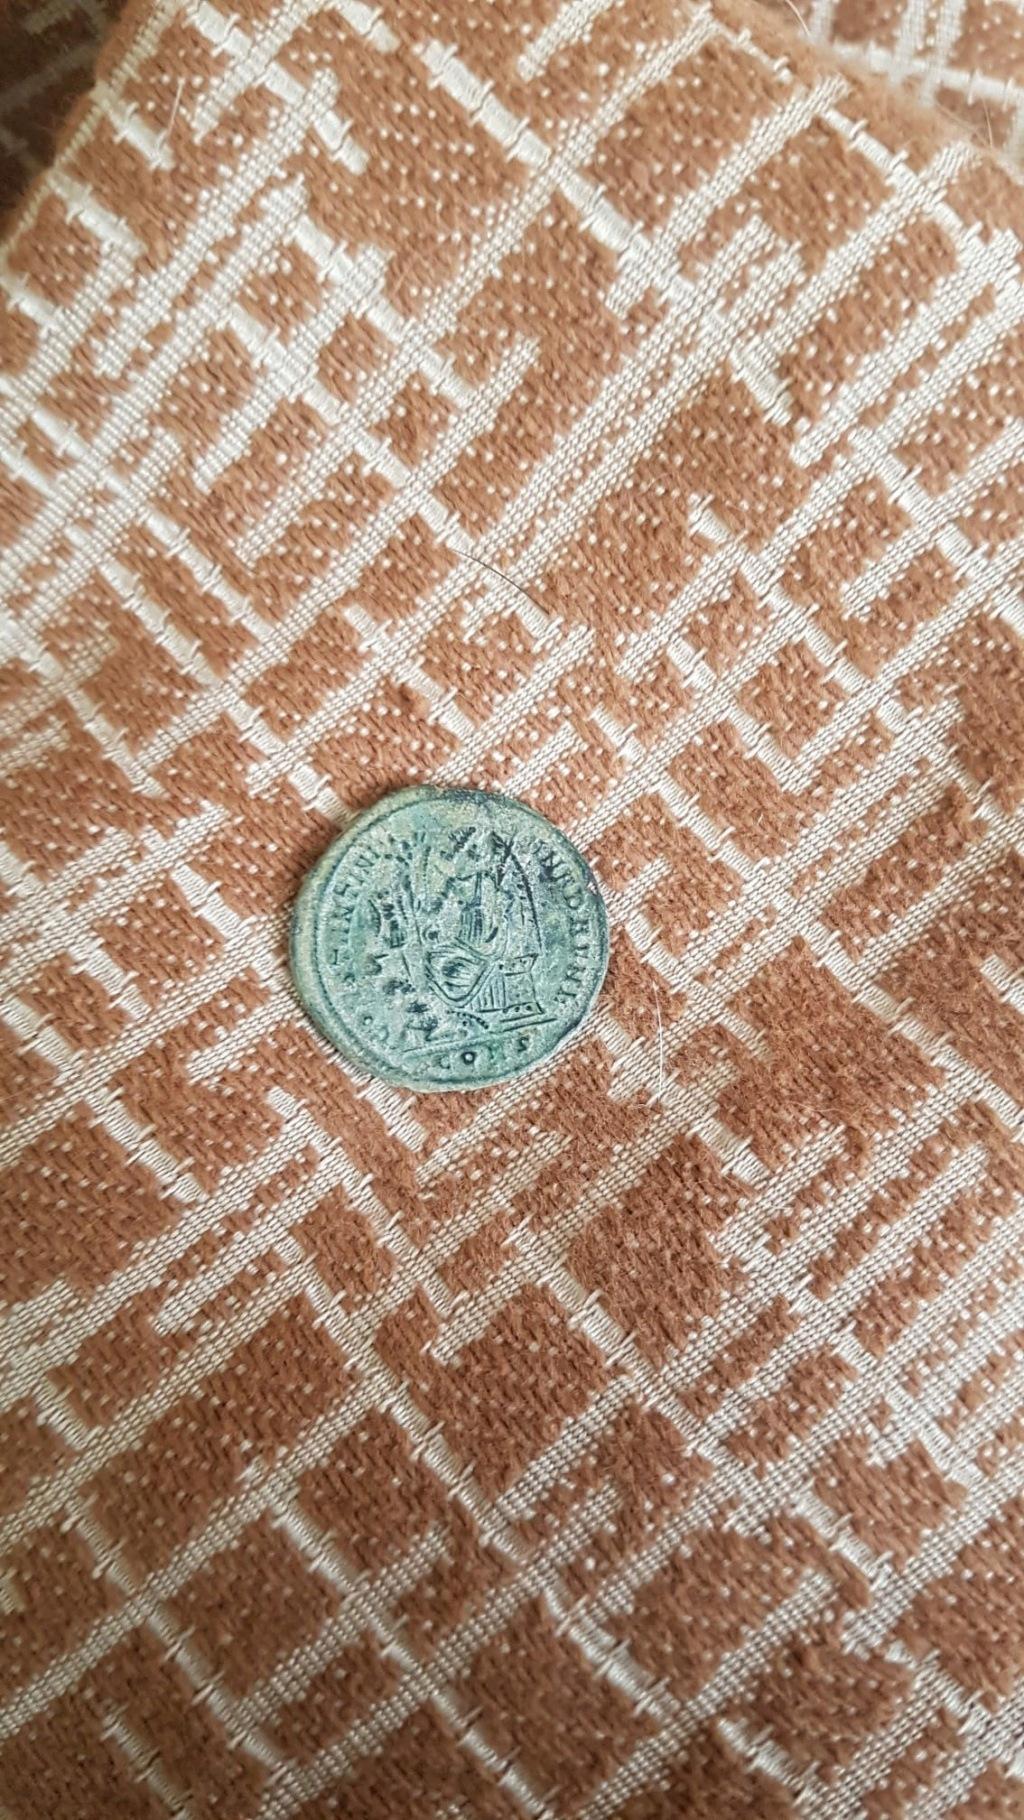 AE3 o Centenional de Constantino I. CONSTANTINIANA DAFNE. Constantinopla  Img-2021